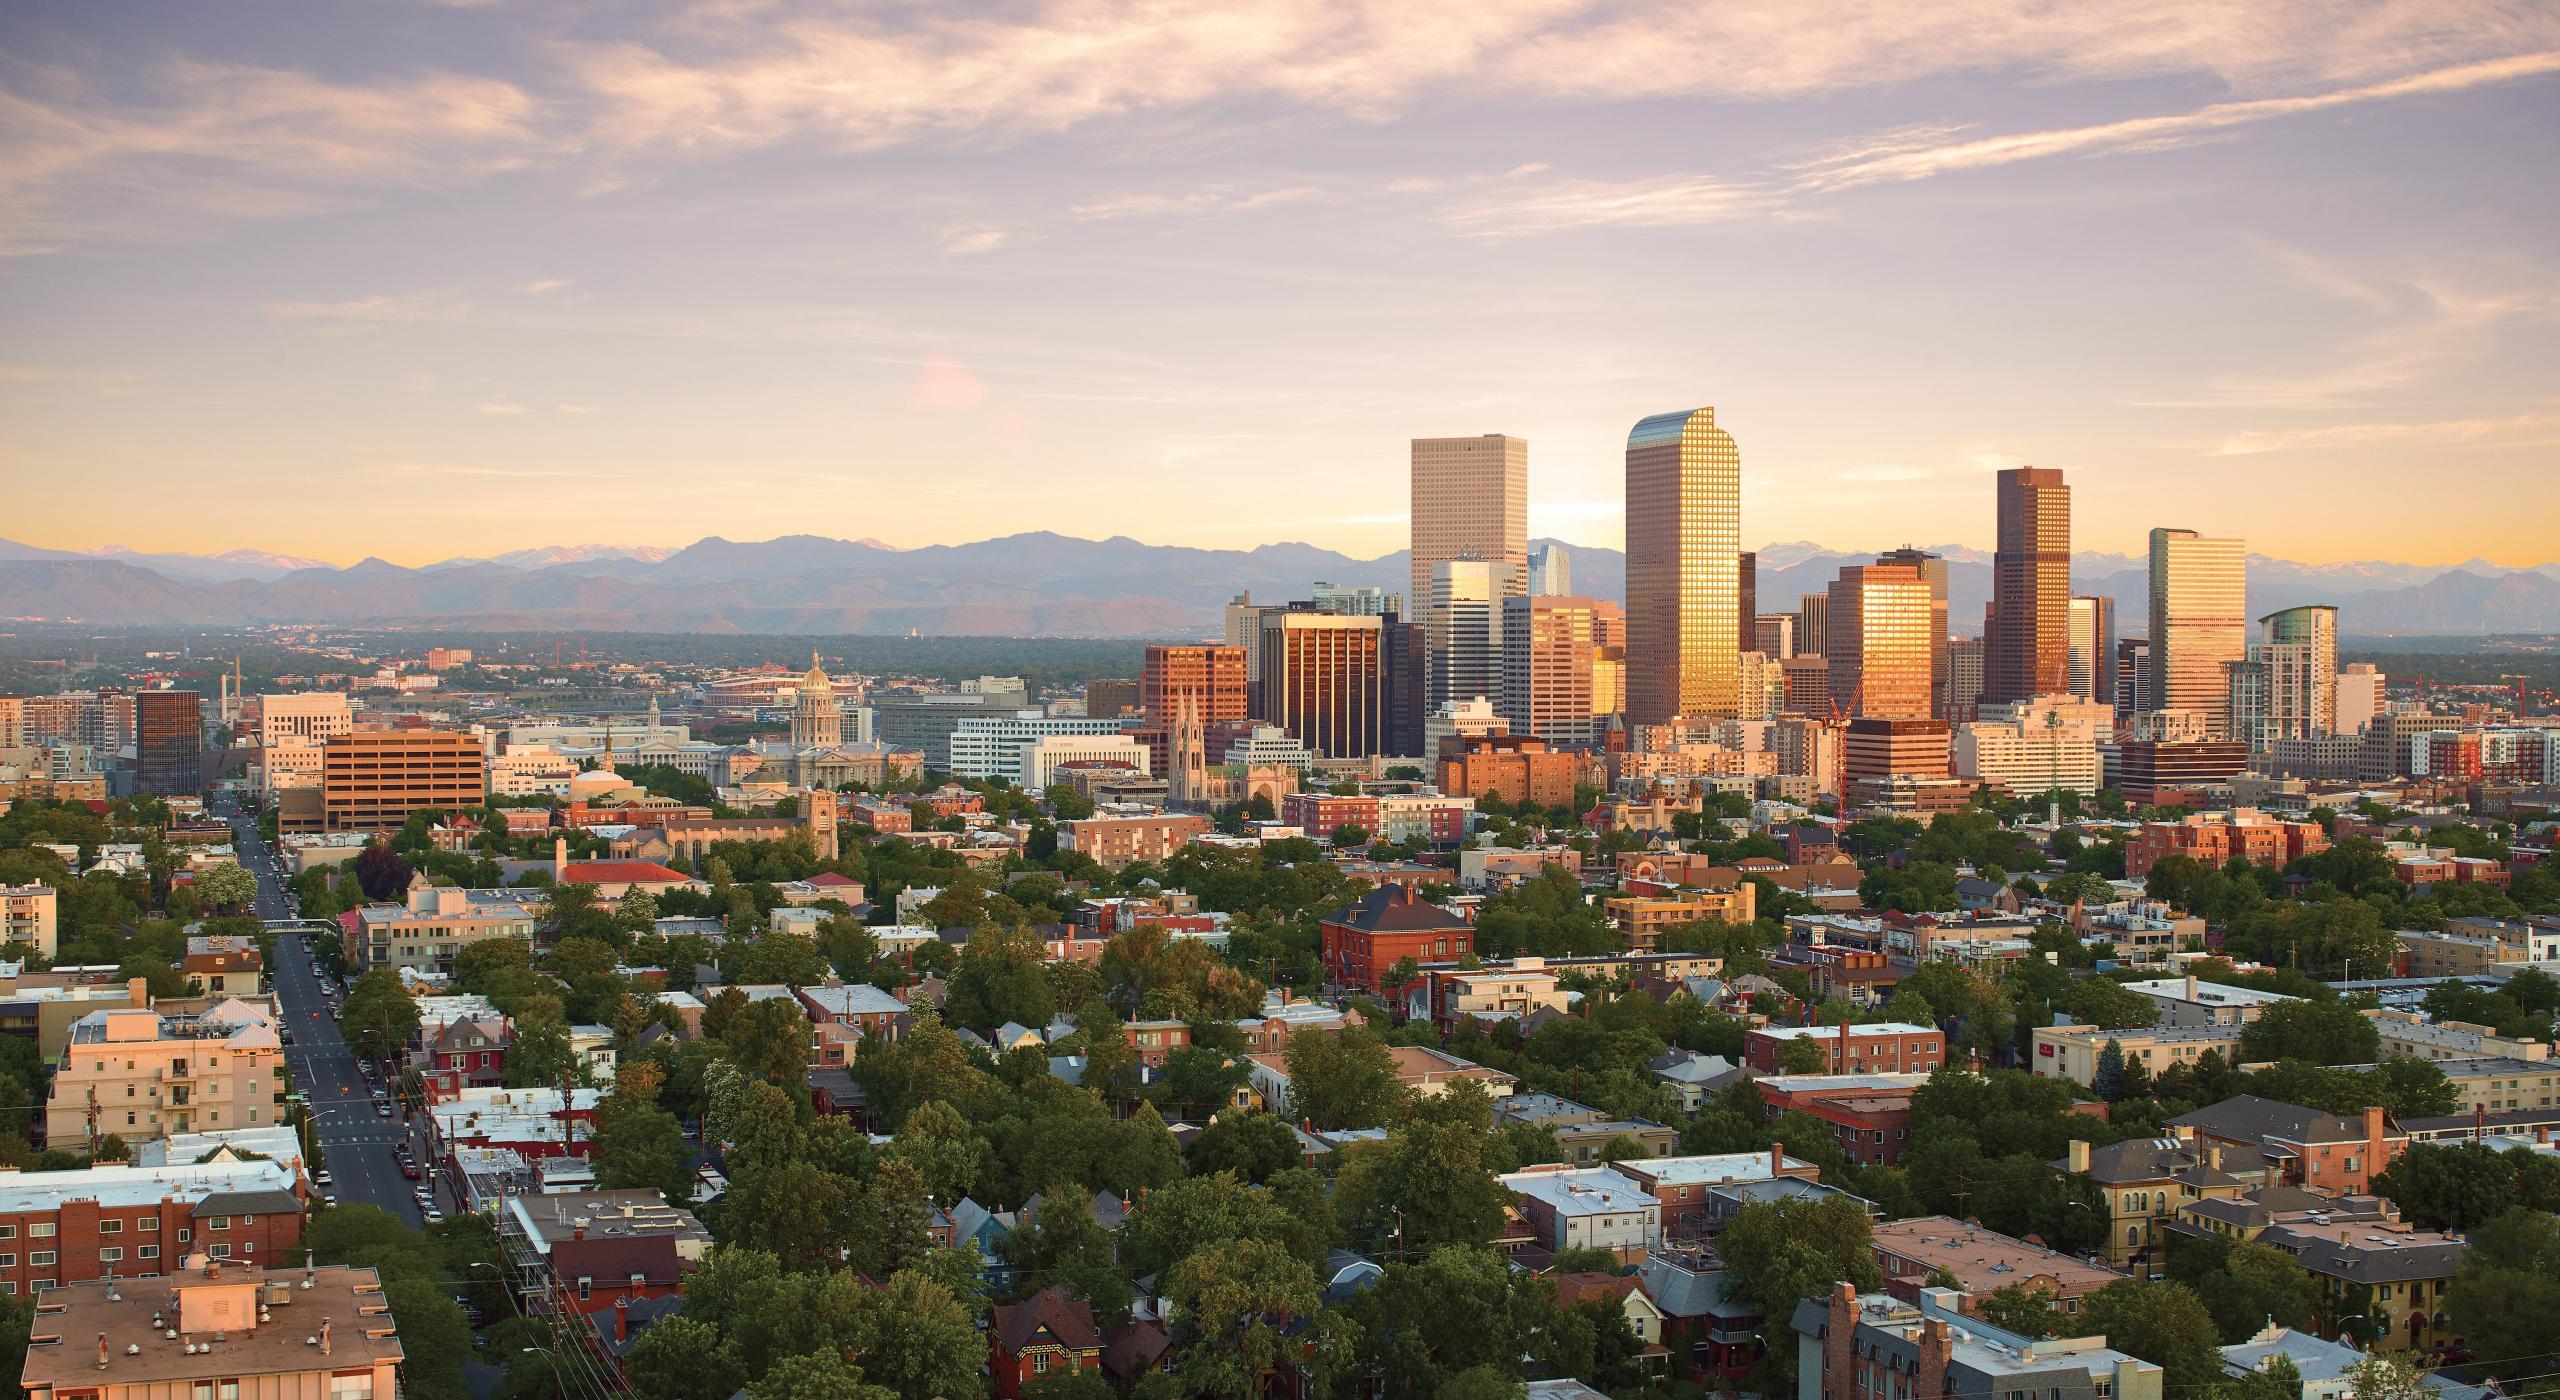 Urlaub In Denver Attraktionen In Colorado